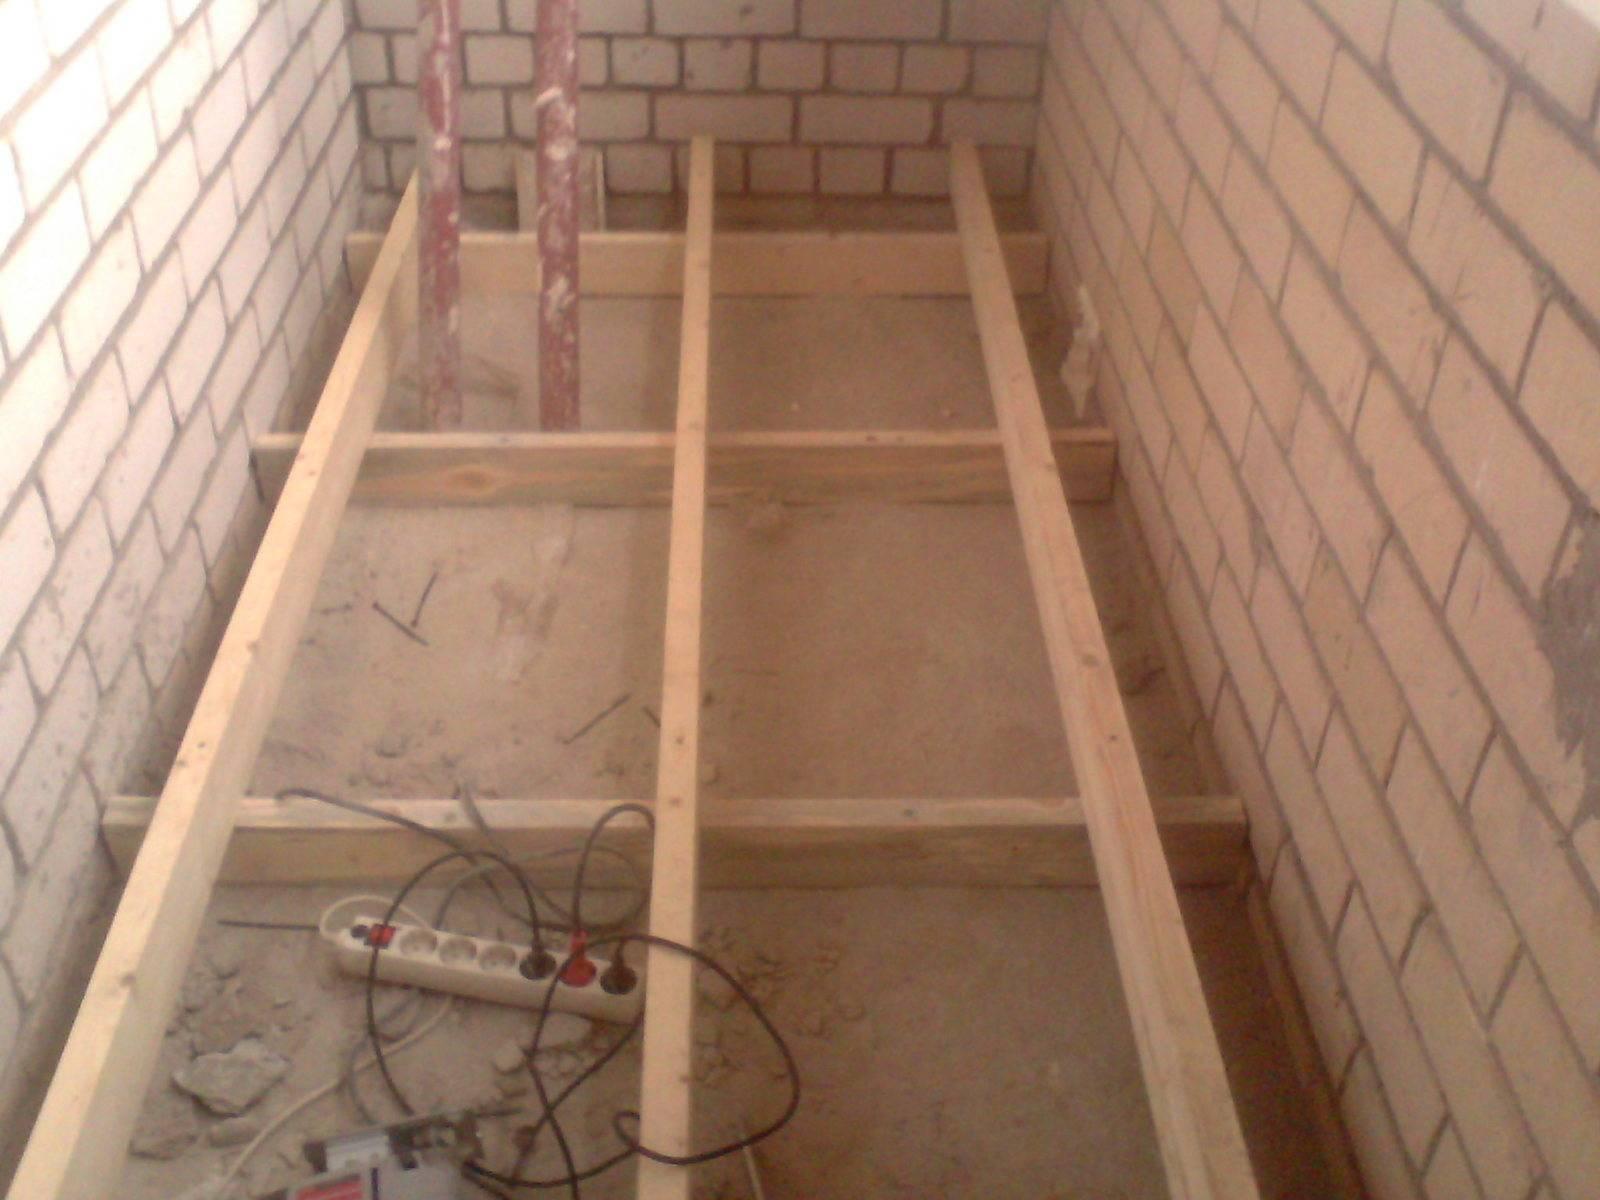 Теплый пол на балконе (105 фото): как поднять деревянный пол на лагах на лоджии, какой лучше